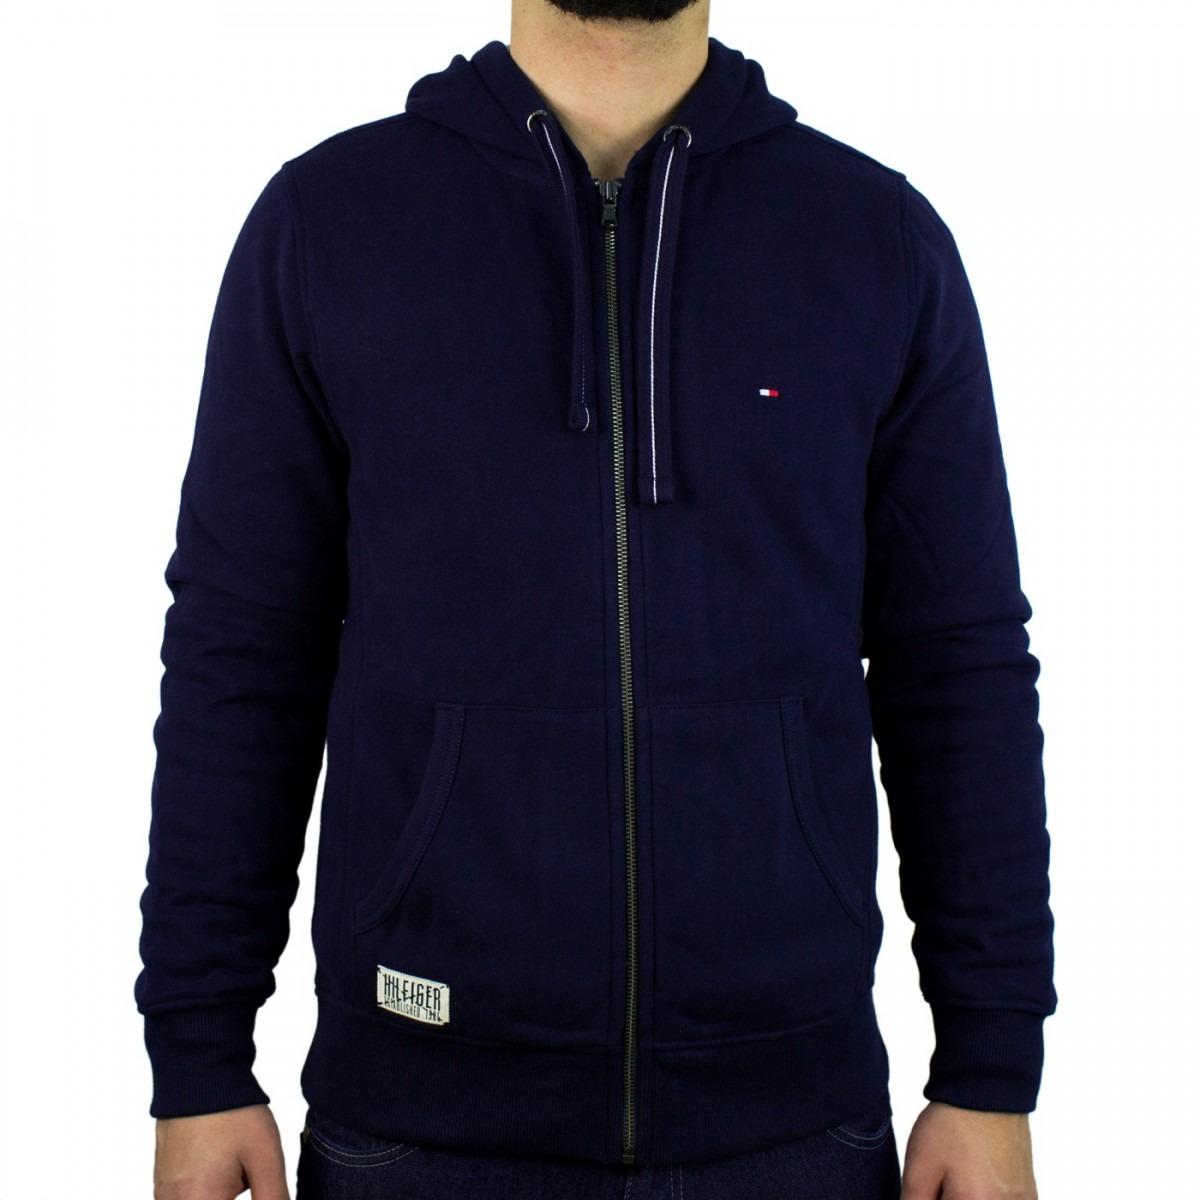 fed1da44b jaqueta masculina tommy hilfiger prospect moletom original. Carregando zoom.